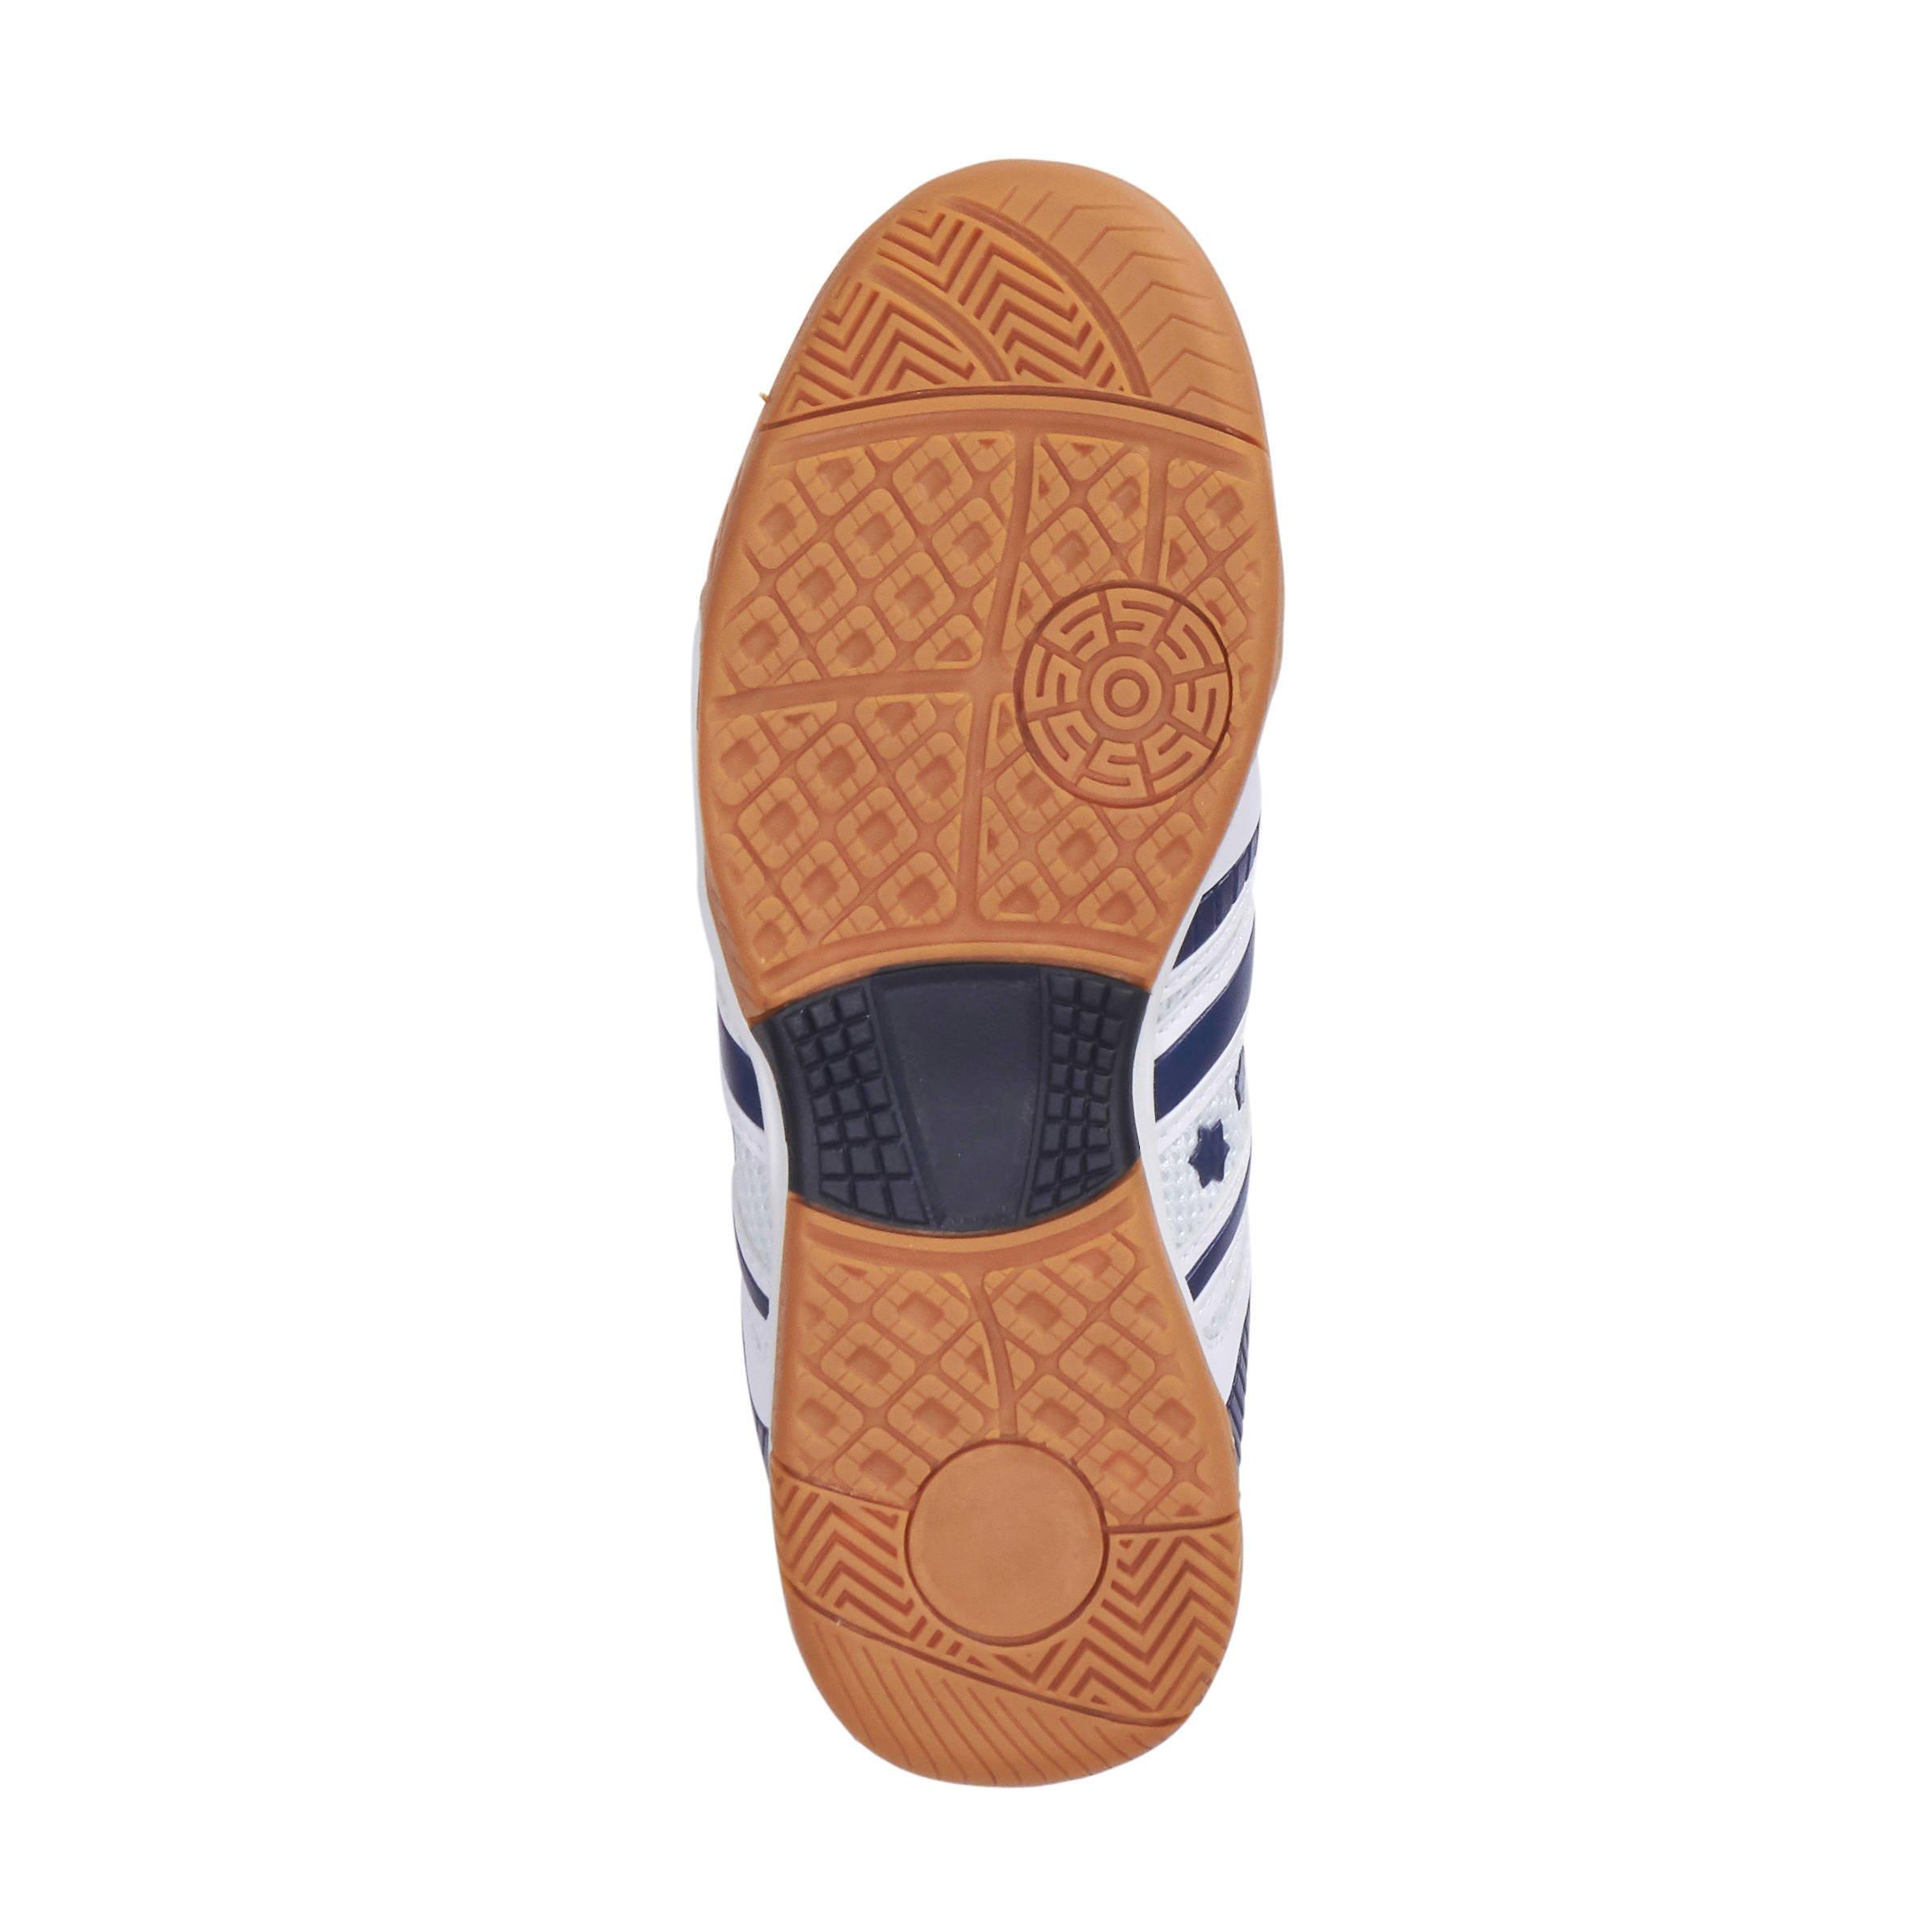 5c3c6c532 rucanor-ultra-indoor-sportschoenen-wit-donkerblauw-wit-8715517606608.jpg